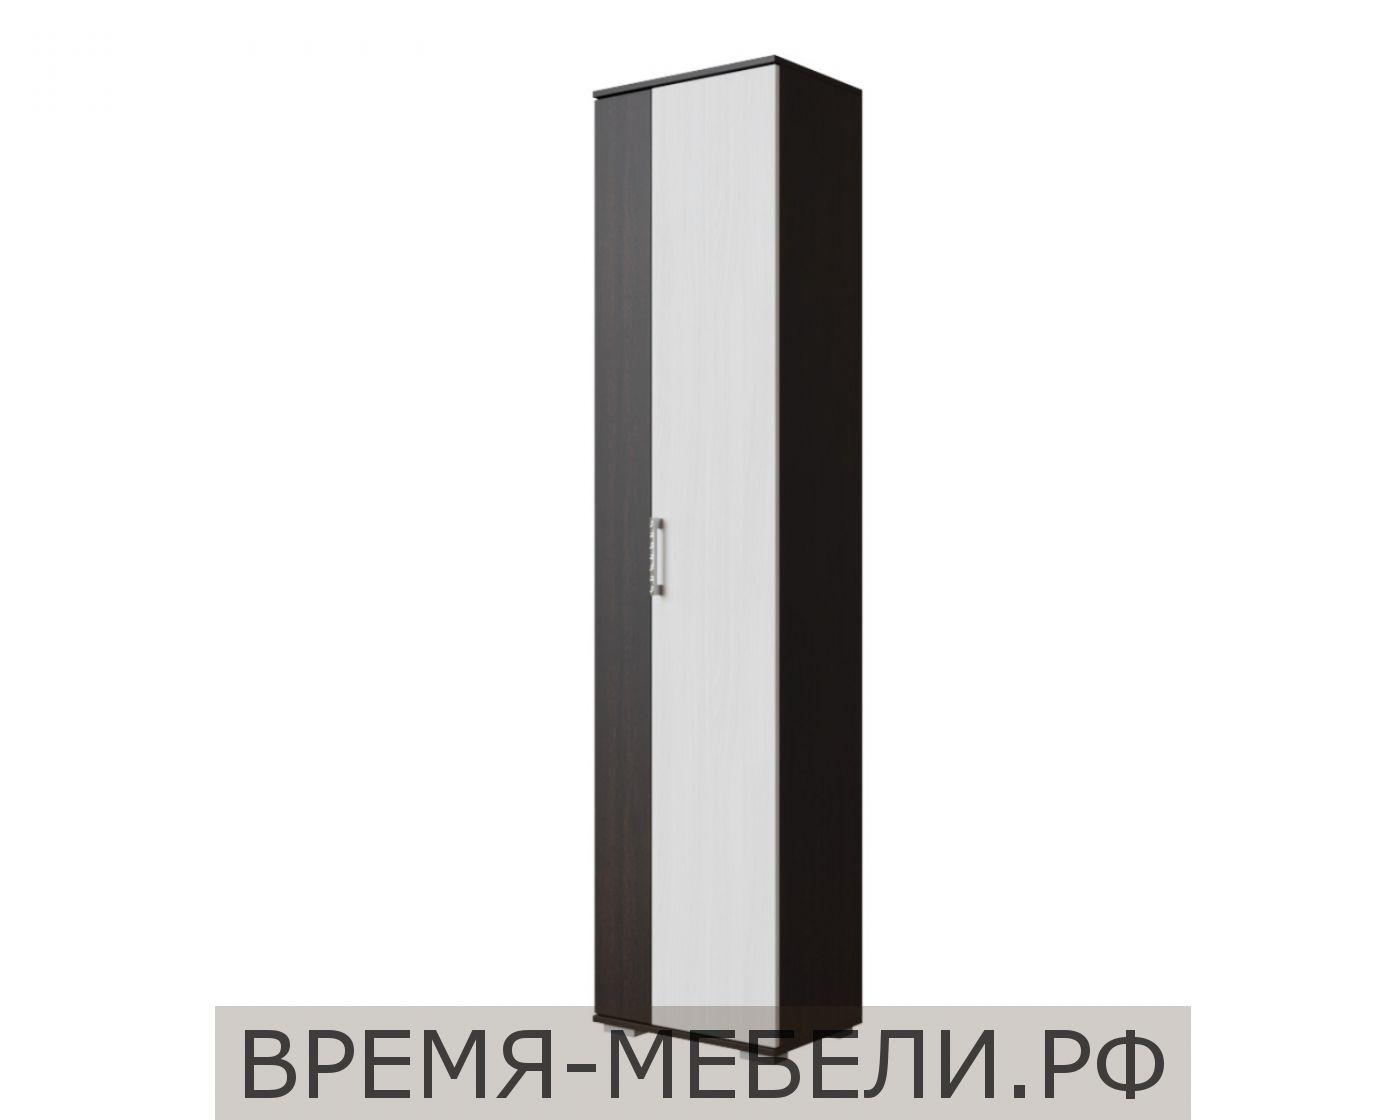 Прихожая №3 (Шкаф универсальный) 500x2120